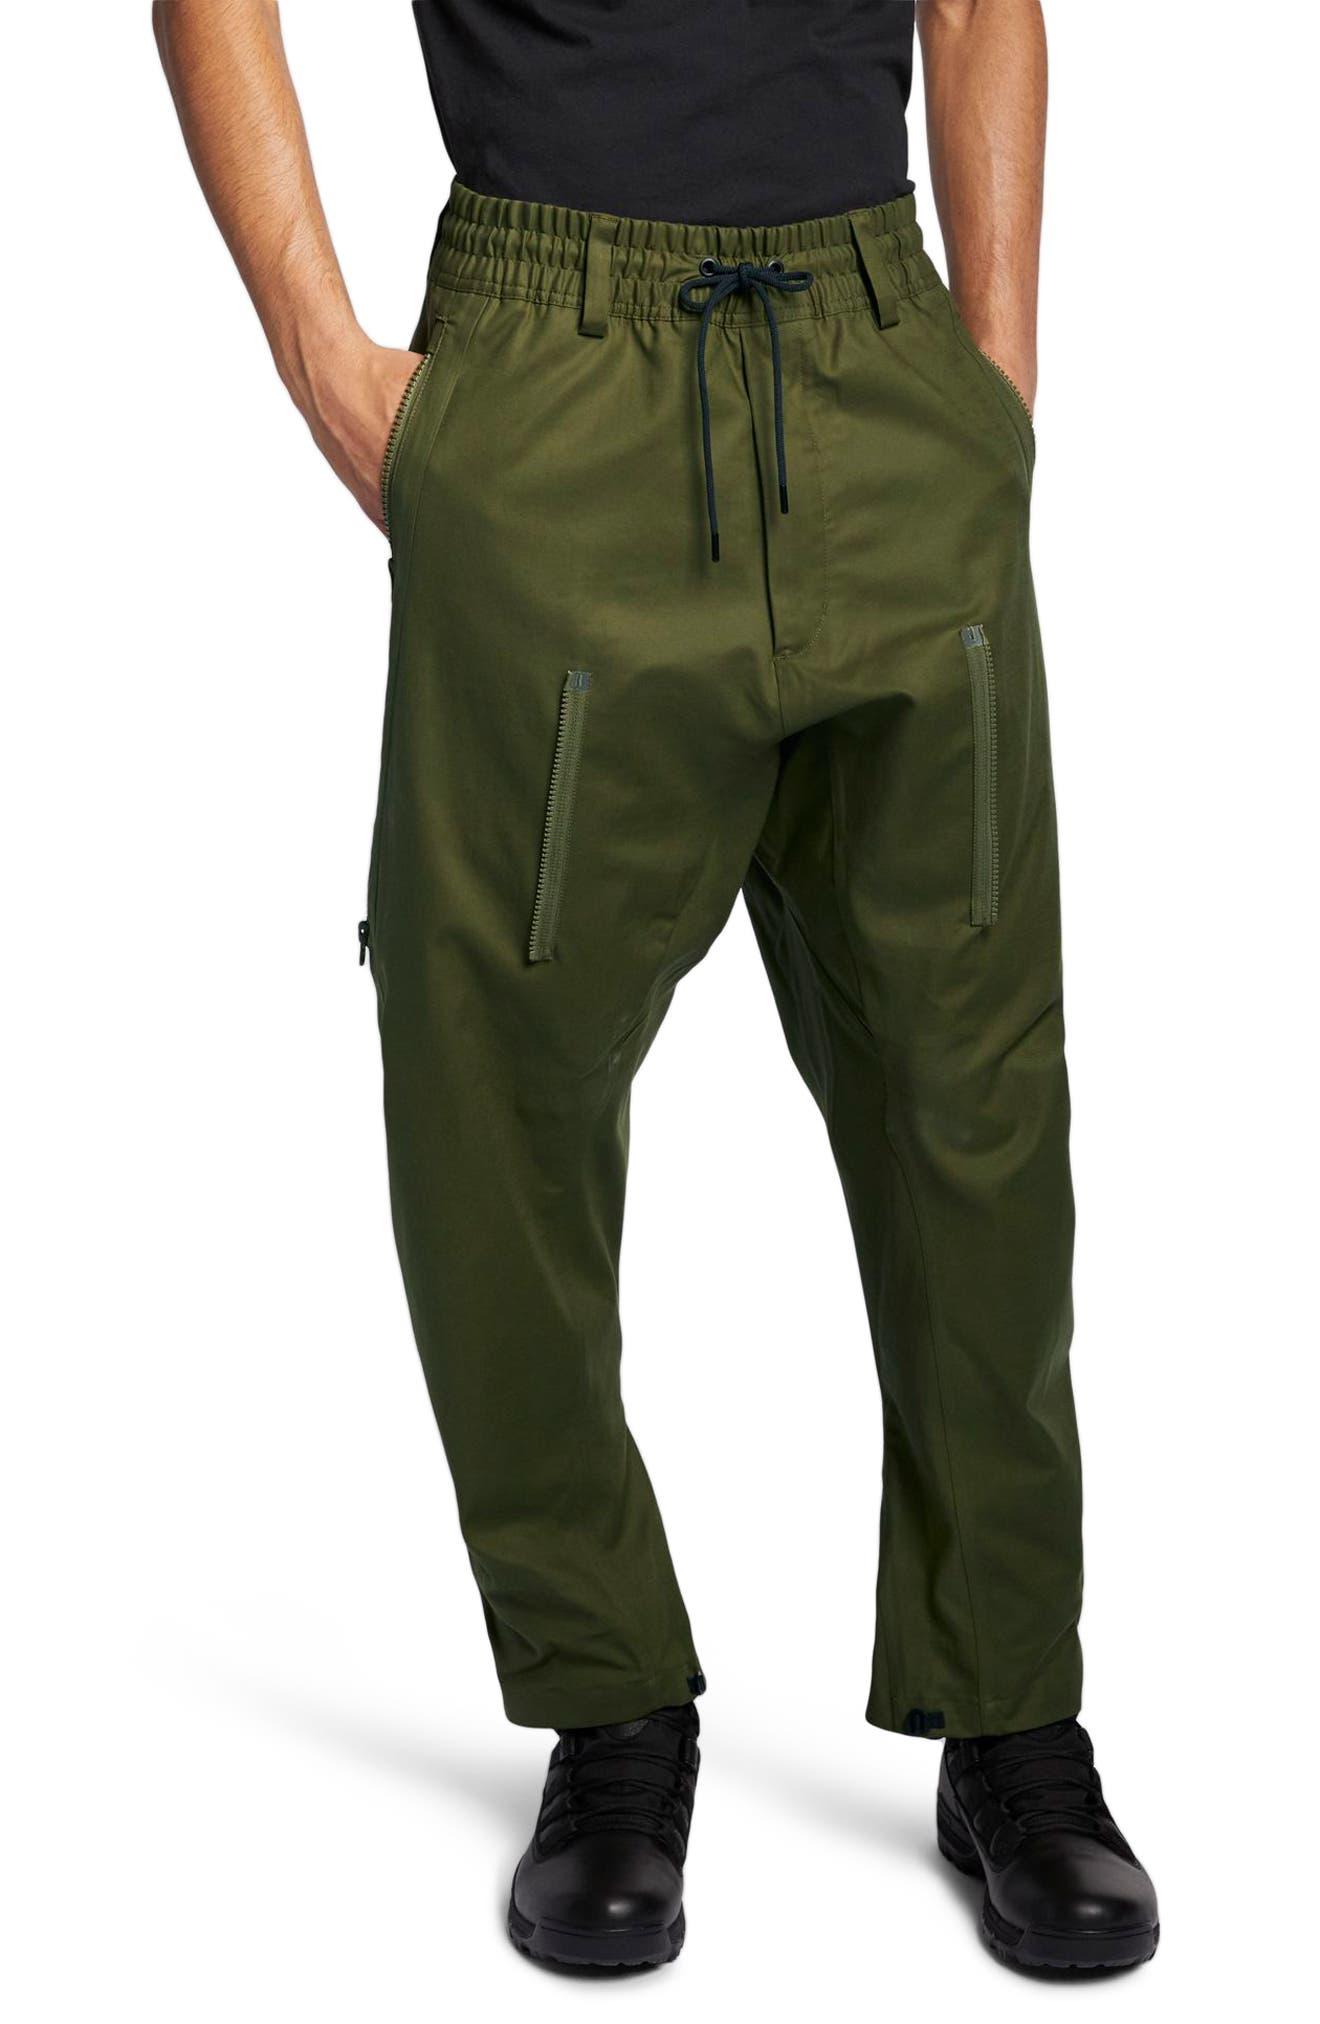 Nike Nikelab Acg Cargo Pants, Green